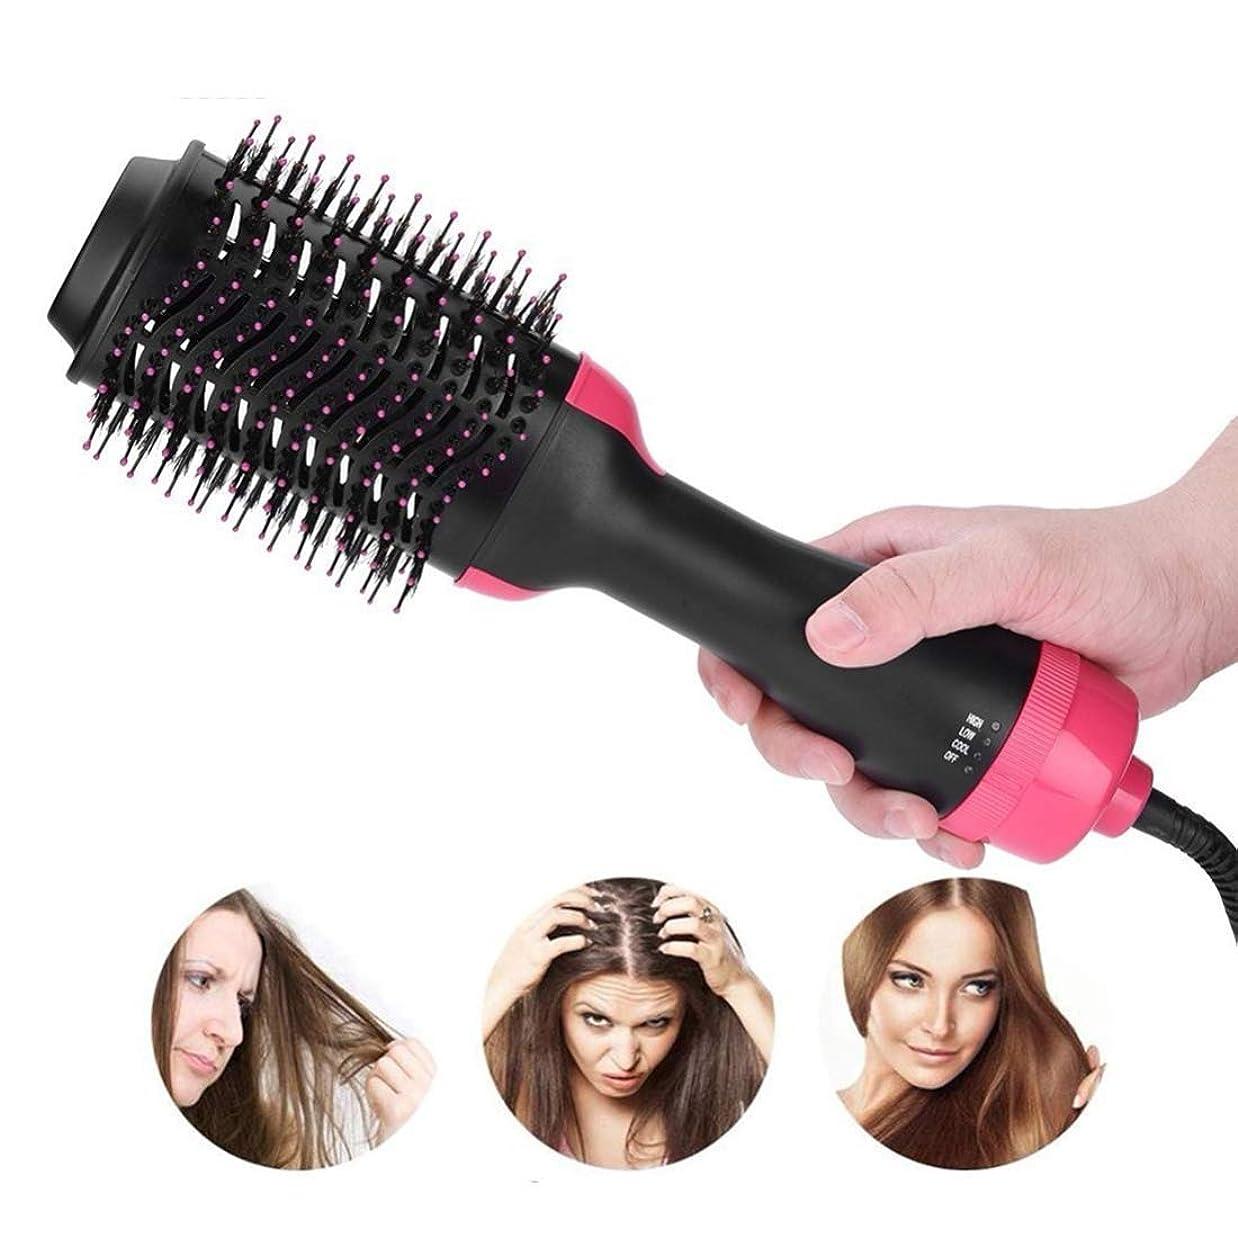 キャッチより多いうがい薬OULYO- ワンステップヘアードライヤーとボリューマイザースタイラー、多機能強化剤とカーラー、IONICセラミック、マルチヒートセッティング、1000ワットすべての髪に最適